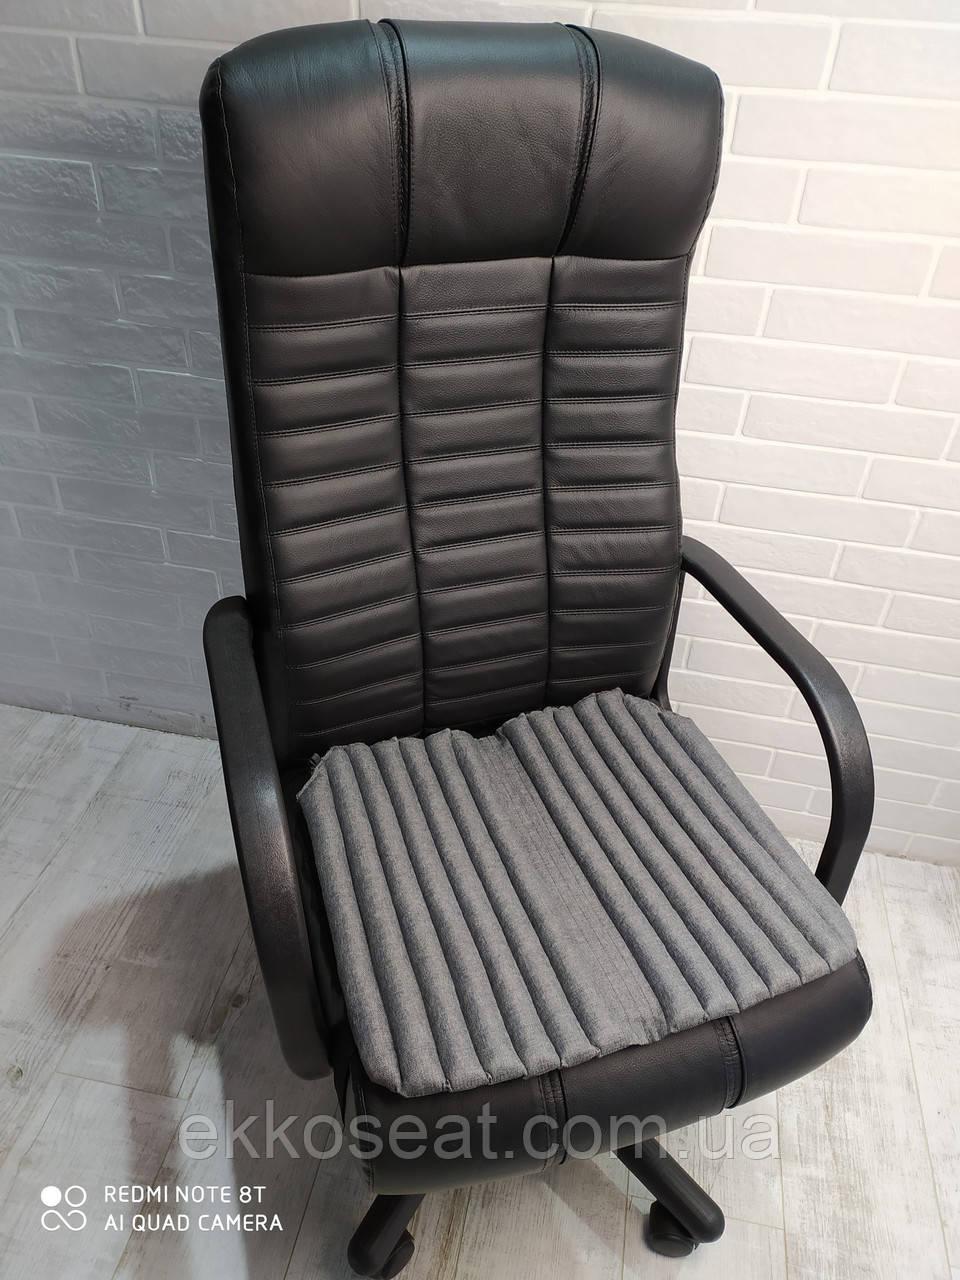 Ортопедические подушки для копчика для сидения на кресле руководителя. EKKOSEAT